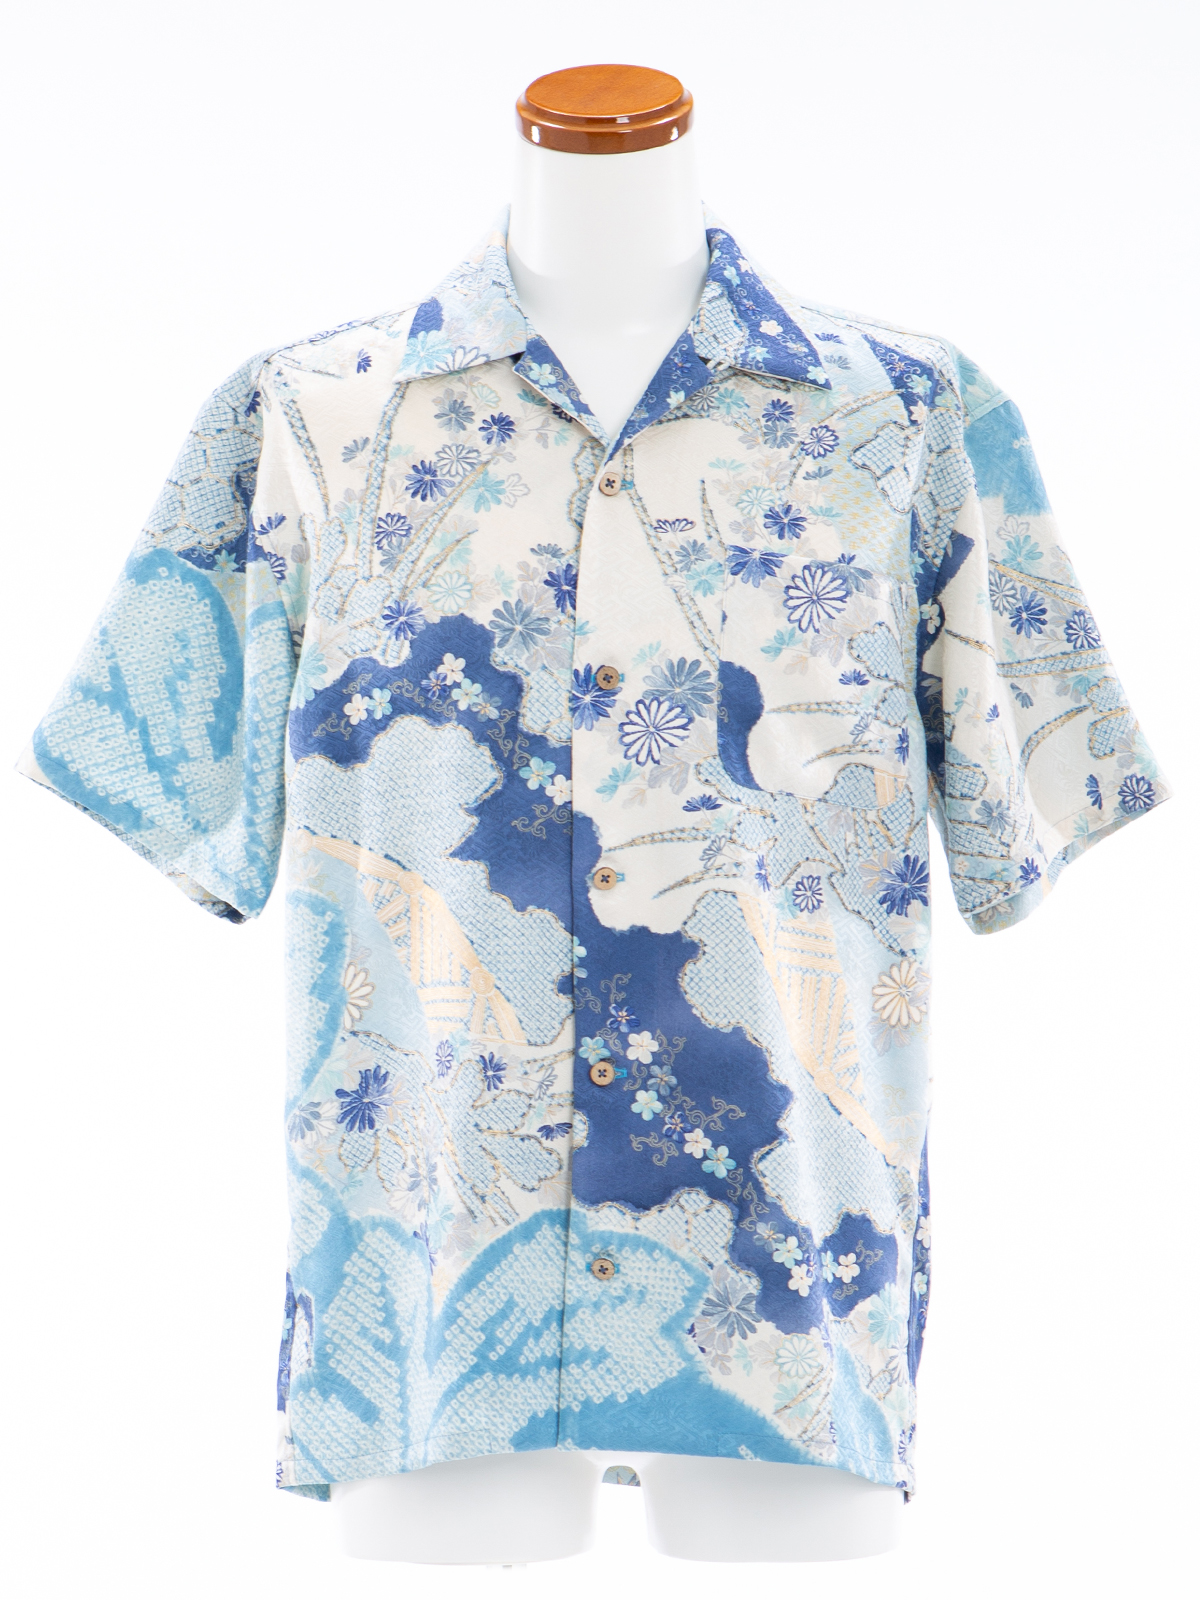 着物アロハ「夏の青空」AH100057